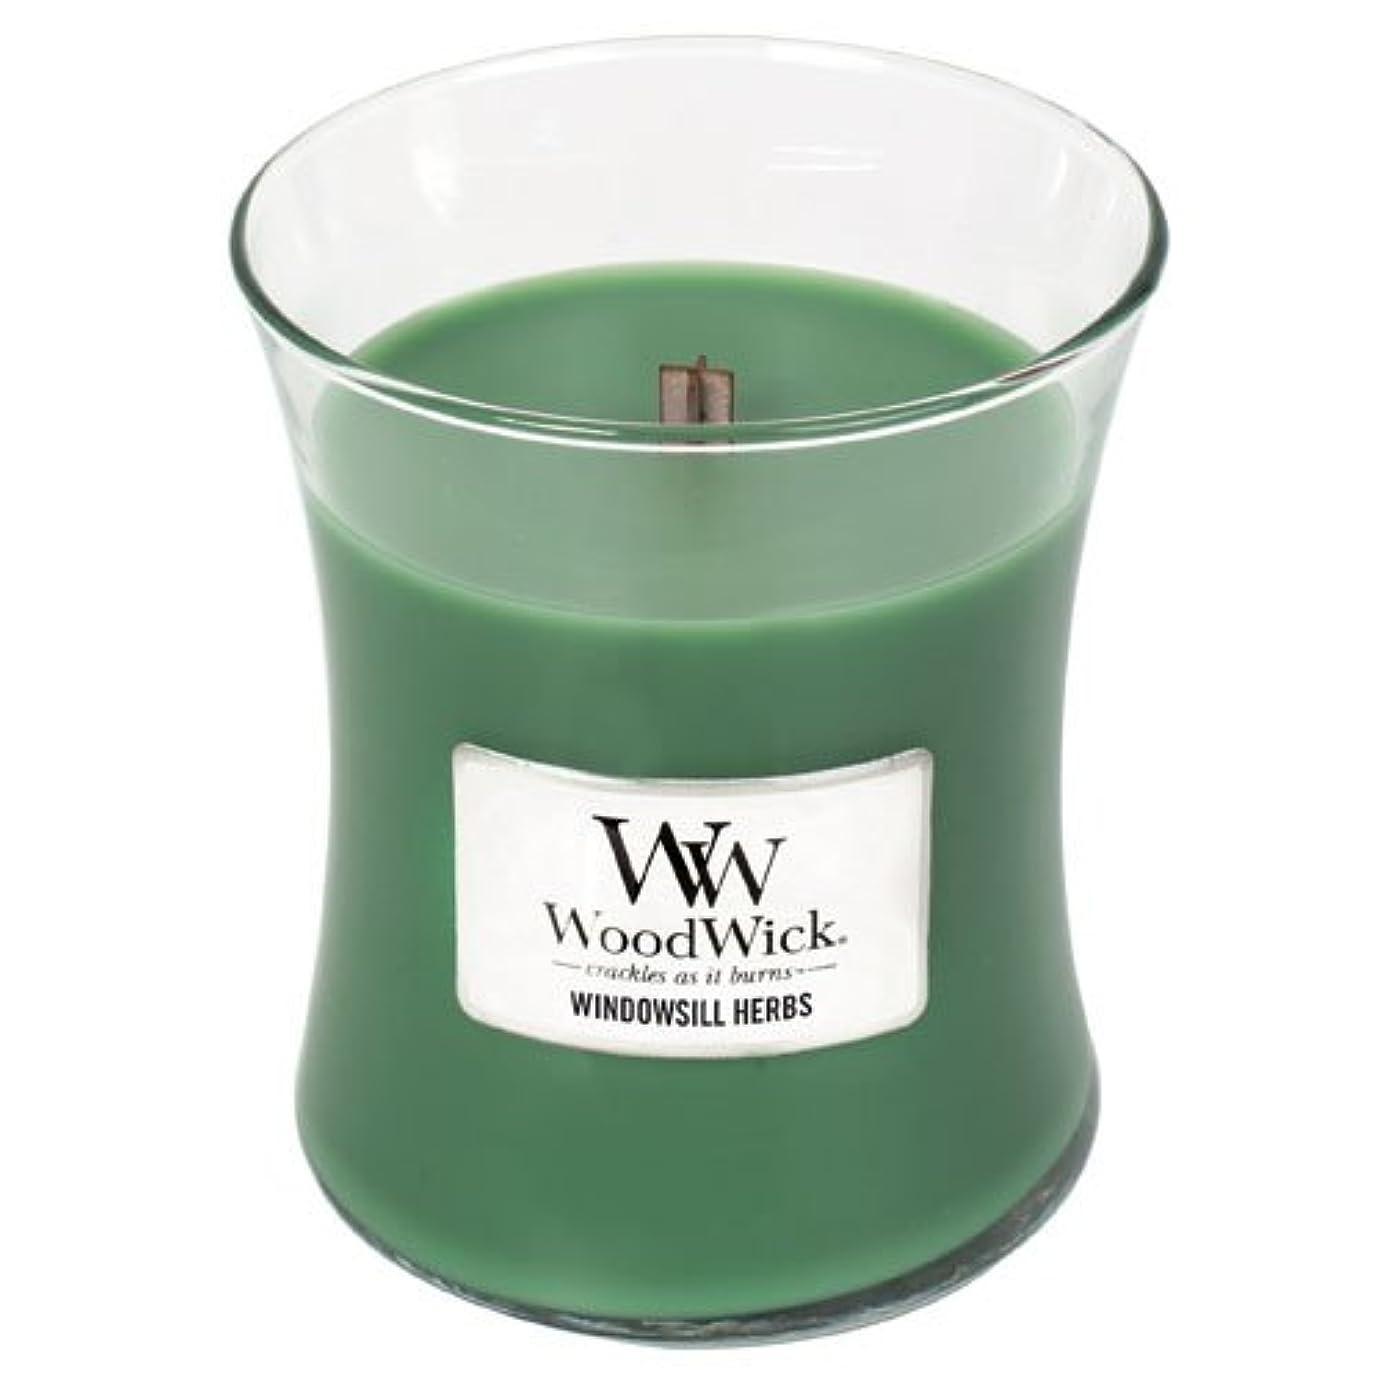 においサイドボード呪われたYankee Candle Windowsill Herbs Medium Hourglass Candles with Pluswick イエロー 92047